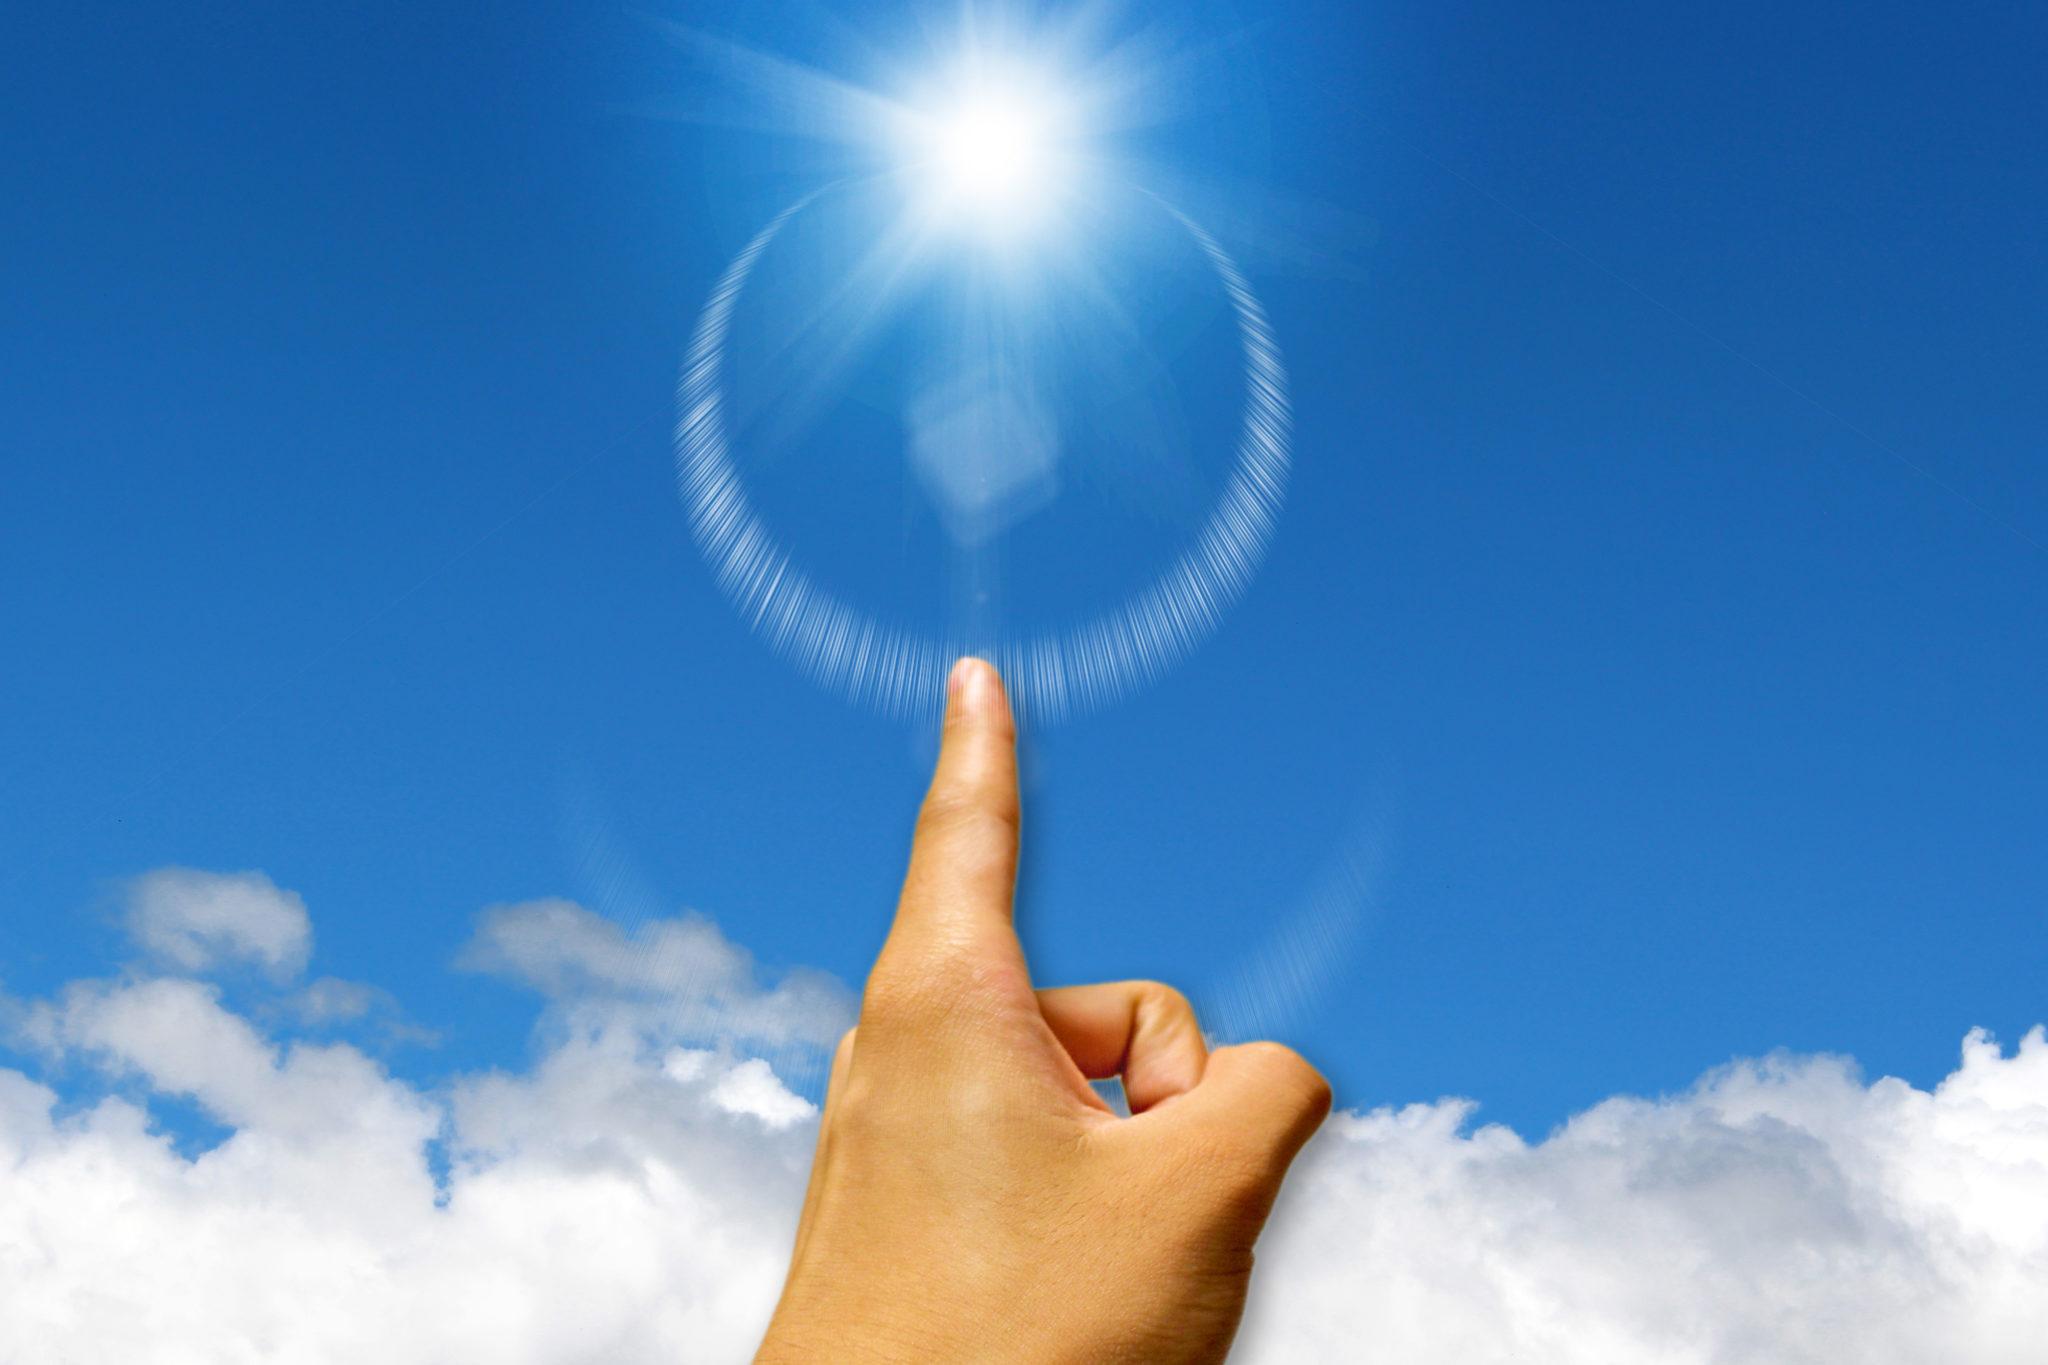 太陽の光を指差している